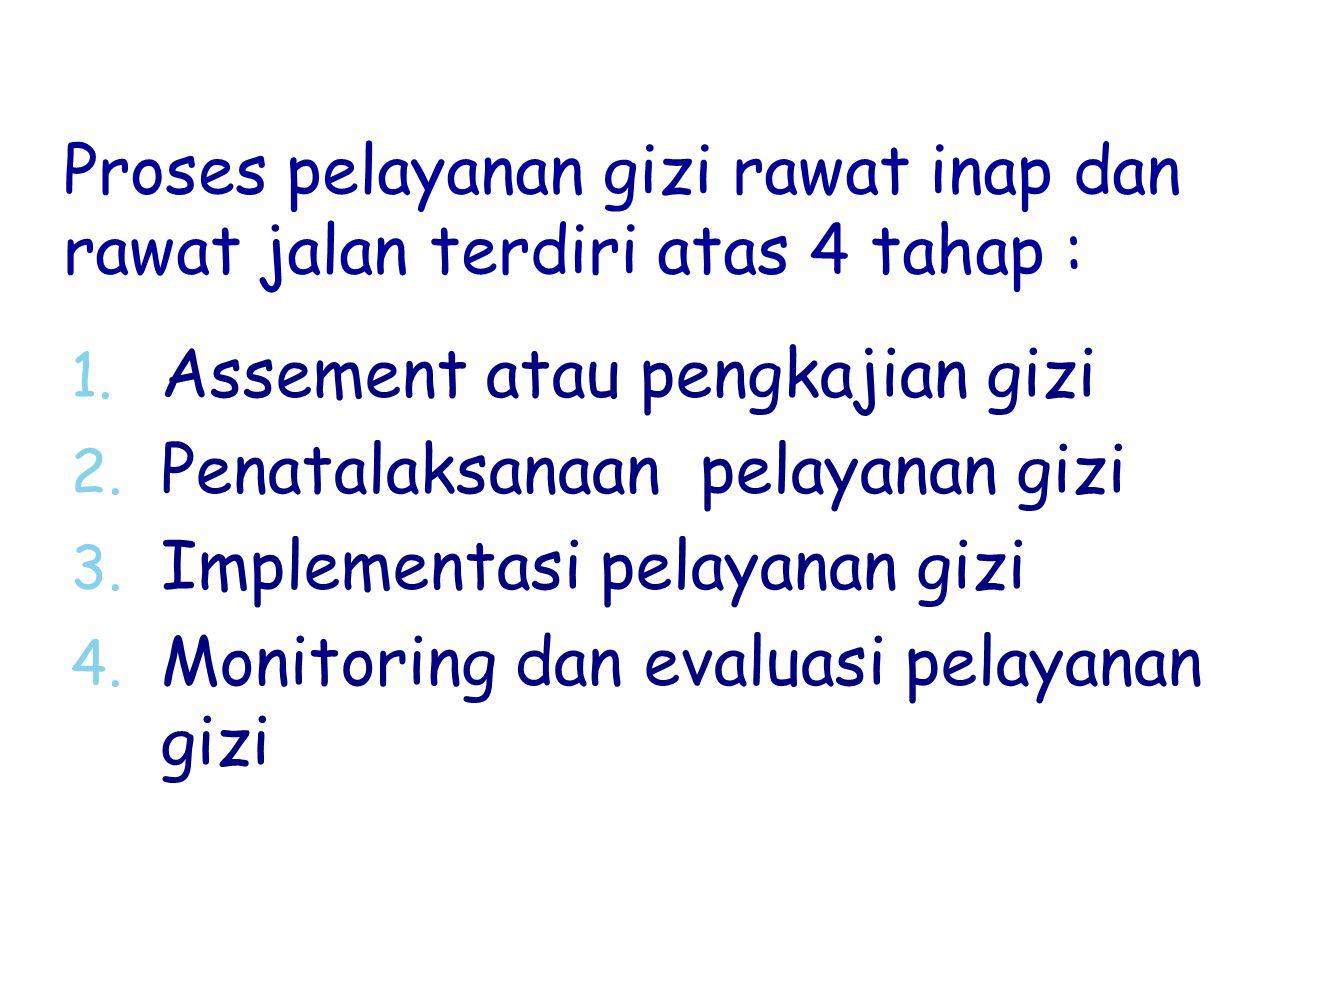 Proses pelayanan gizi rawat inap dan rawat jalan terdiri atas 4 tahap : 1. 1. Assement atau pengkajian gizi 2. 2. Penatalaksanaan pelayanan gizi 3. 3.